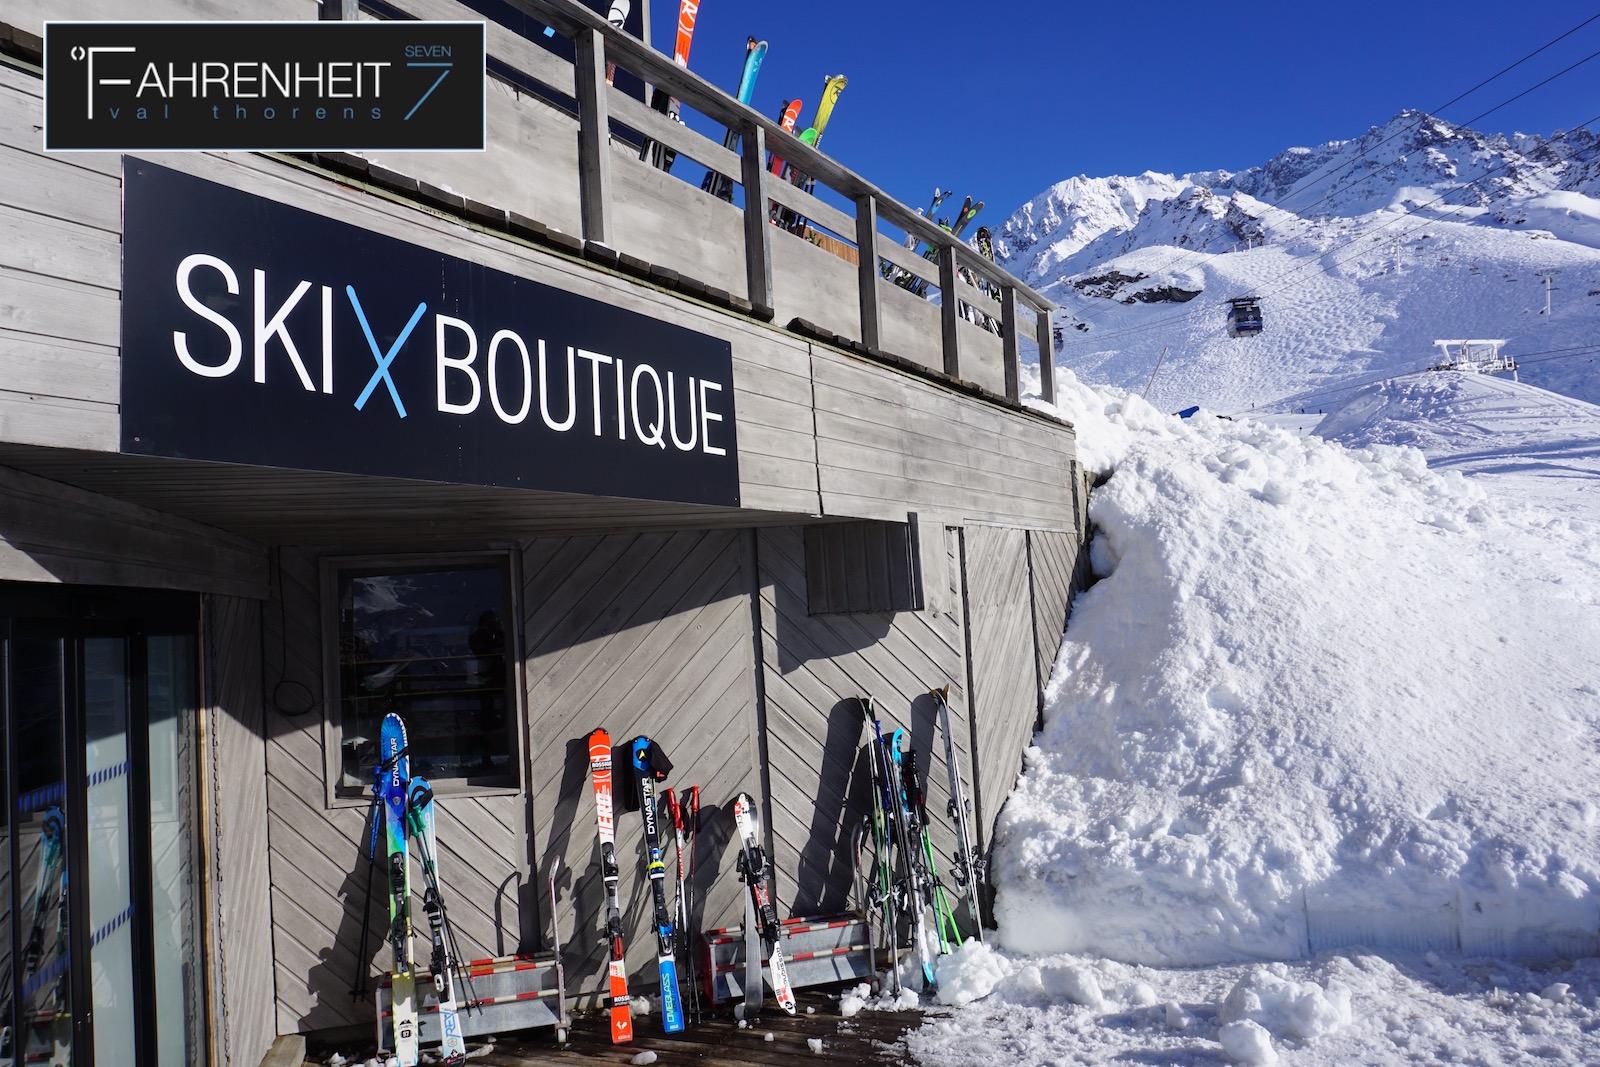 Fahrenheit seven la nouvelle adresse chic et branch e de for Boutique hotel ski